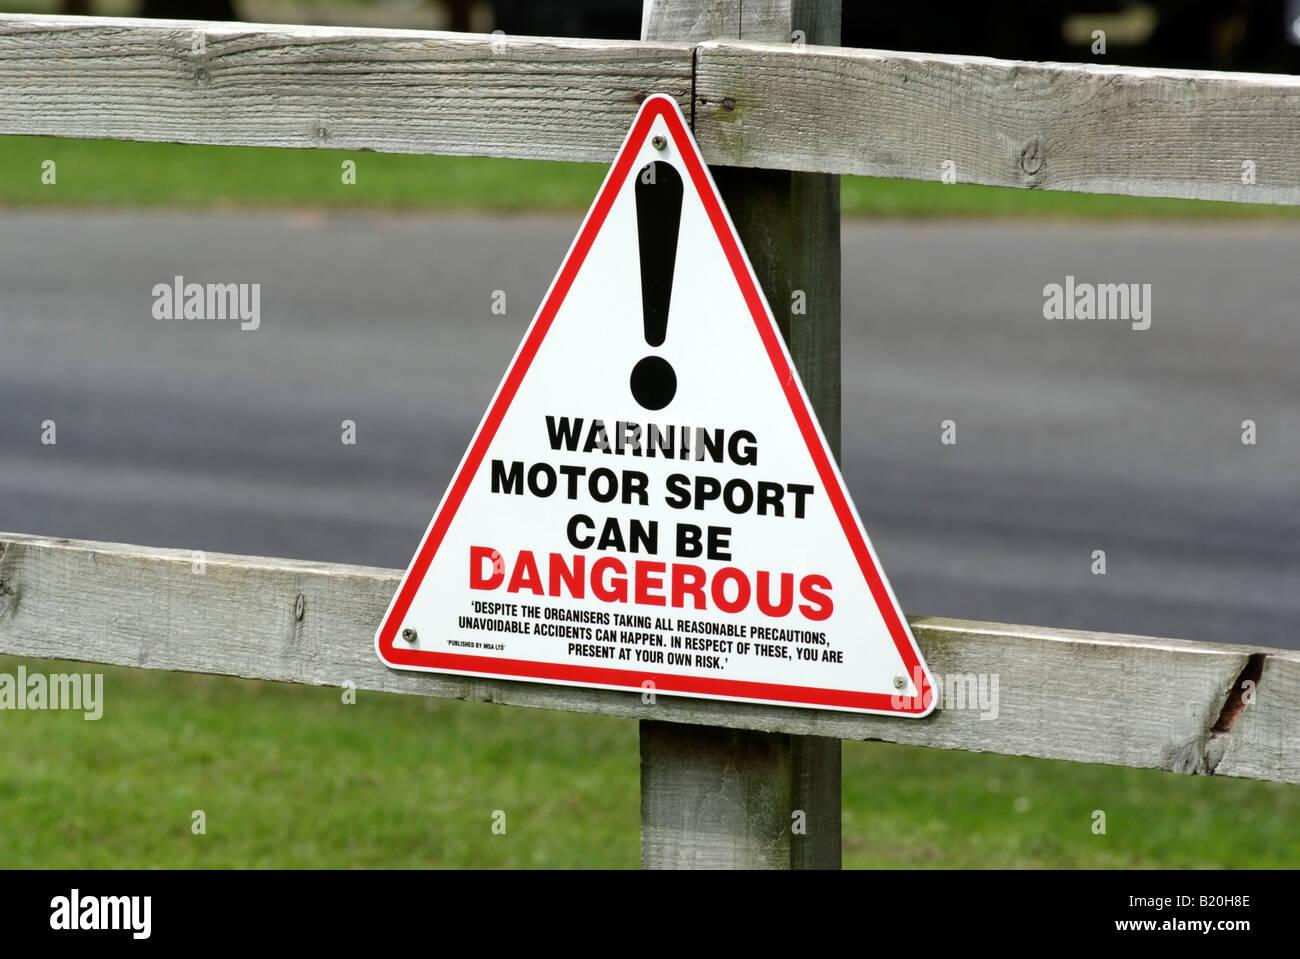 Motor Sport danger sign on track side fence - Stock Image